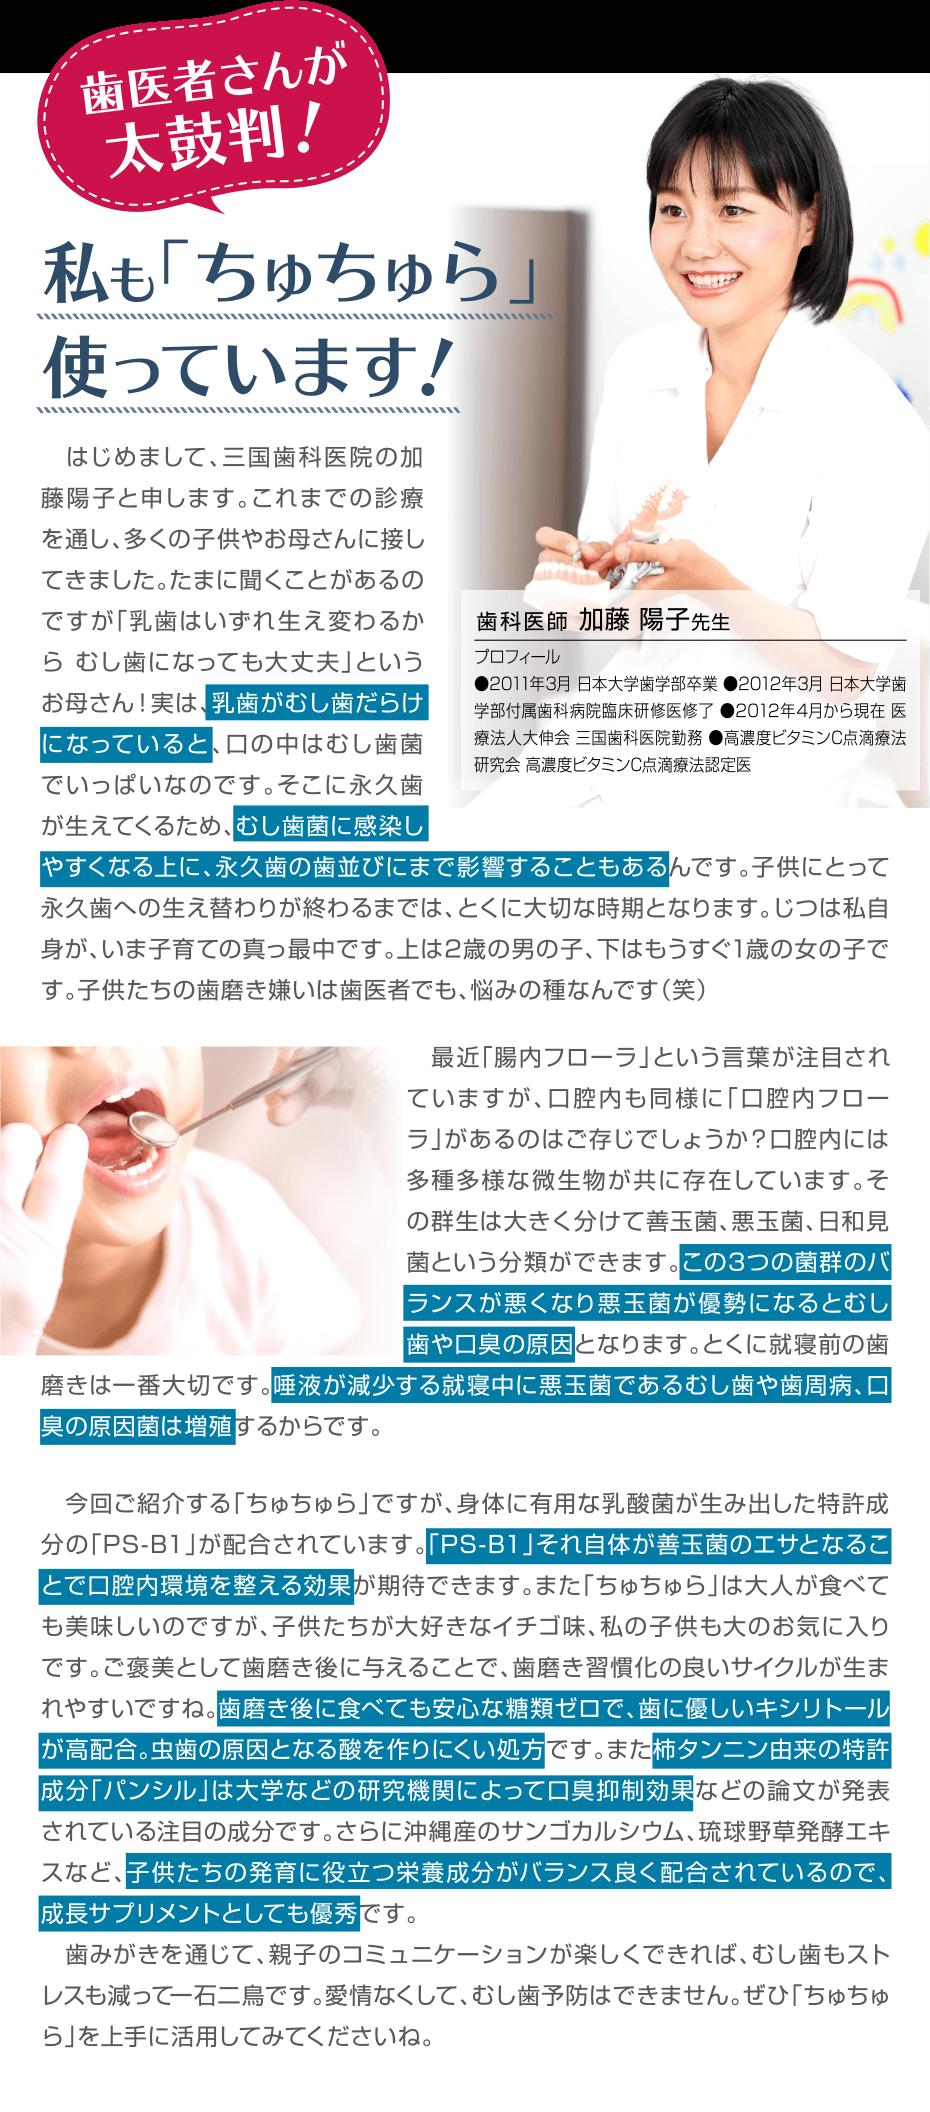 歯医者さんが太鼓判!私も「ちゅちゅら」使っています!歯科医師 加藤 陽子先生のコメント